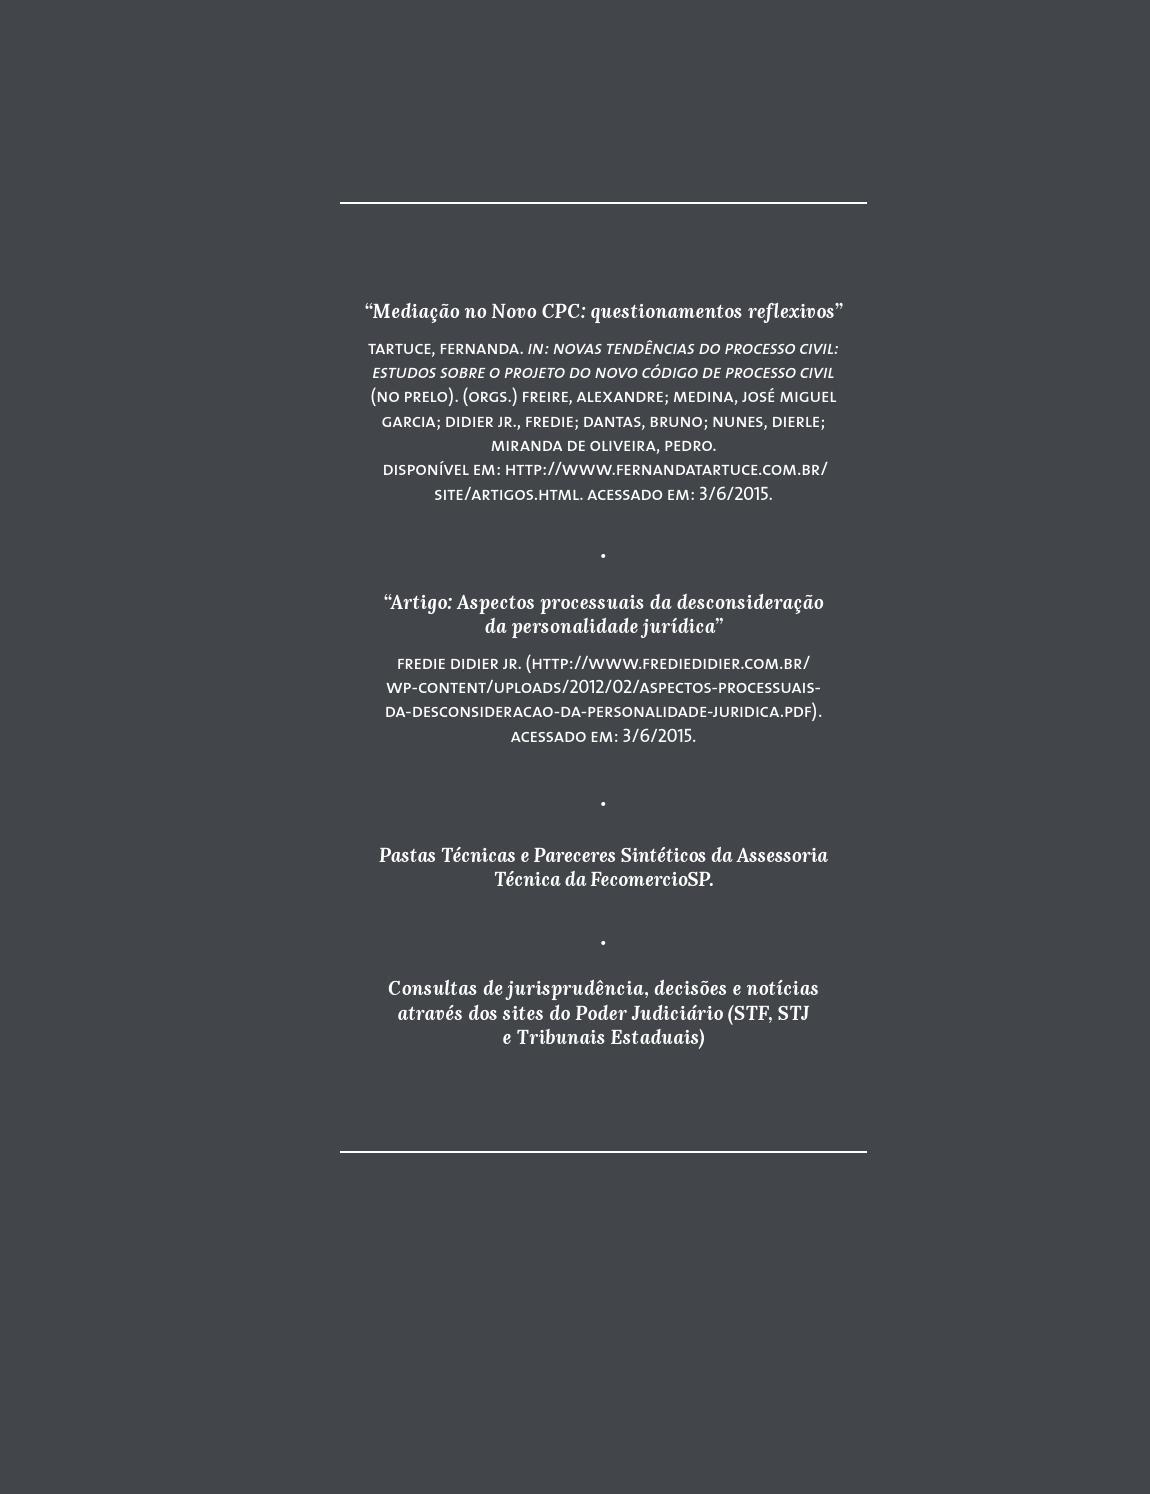 Didier pdf fredie